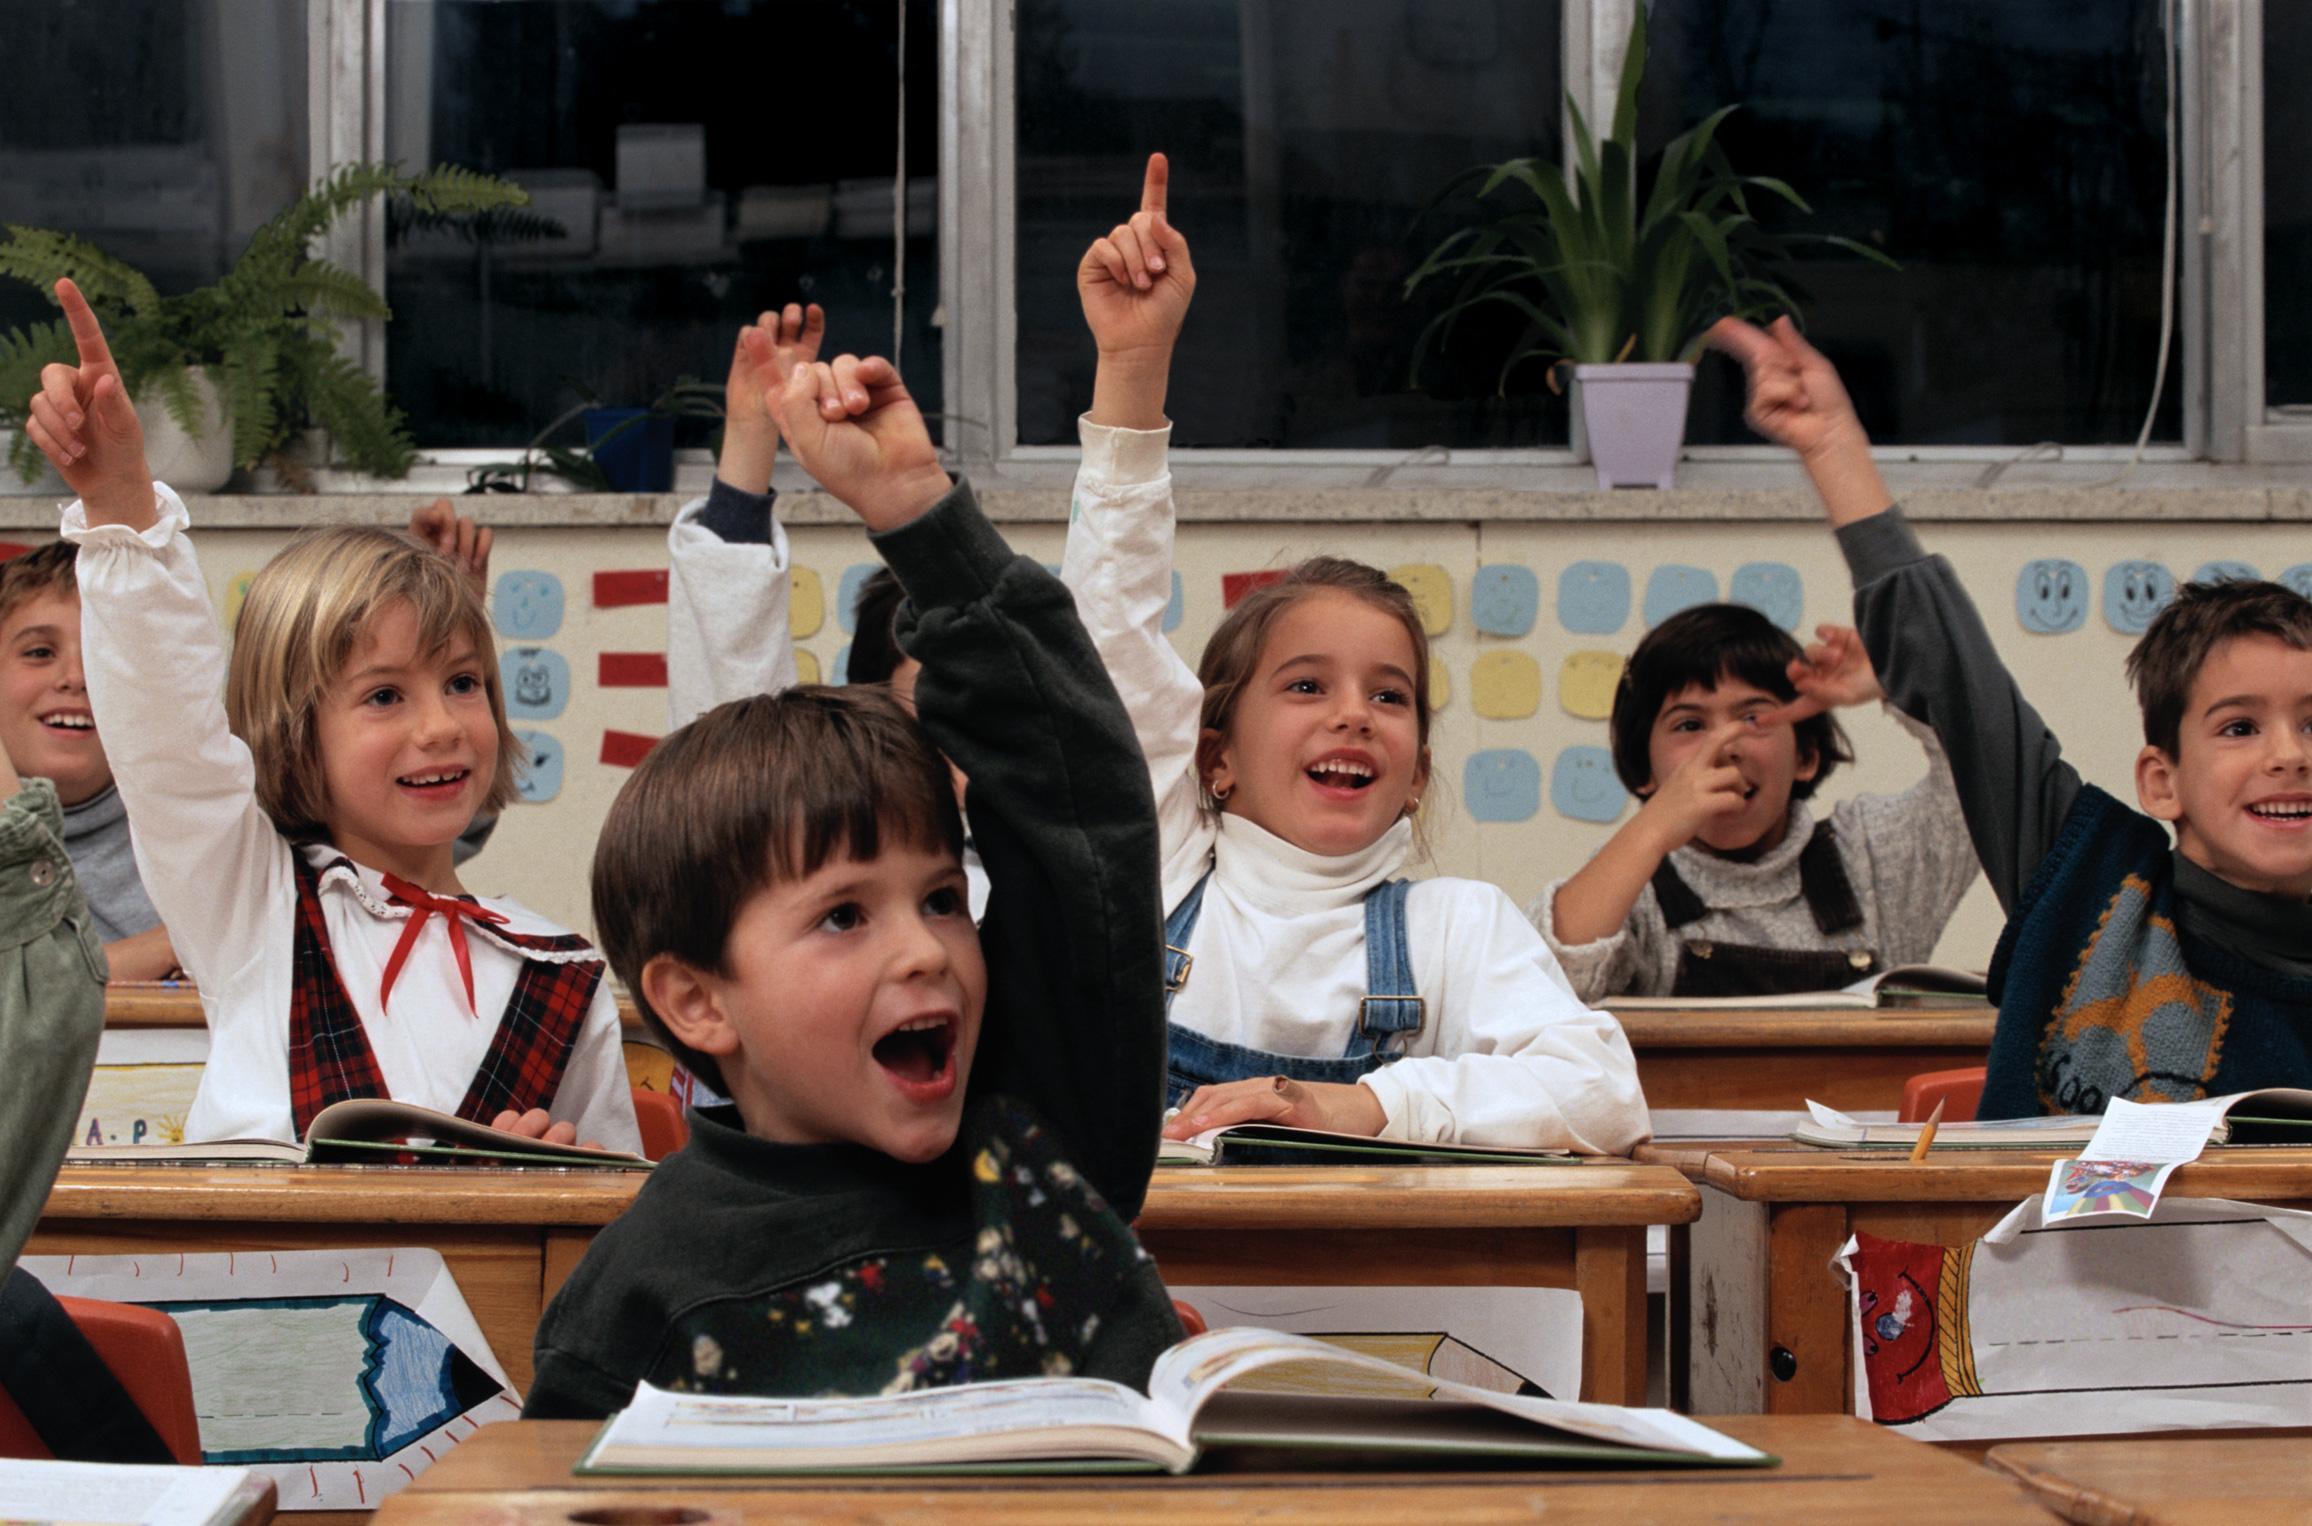 Прикольная картинка с классом, тюльпанами квиллинг картинки